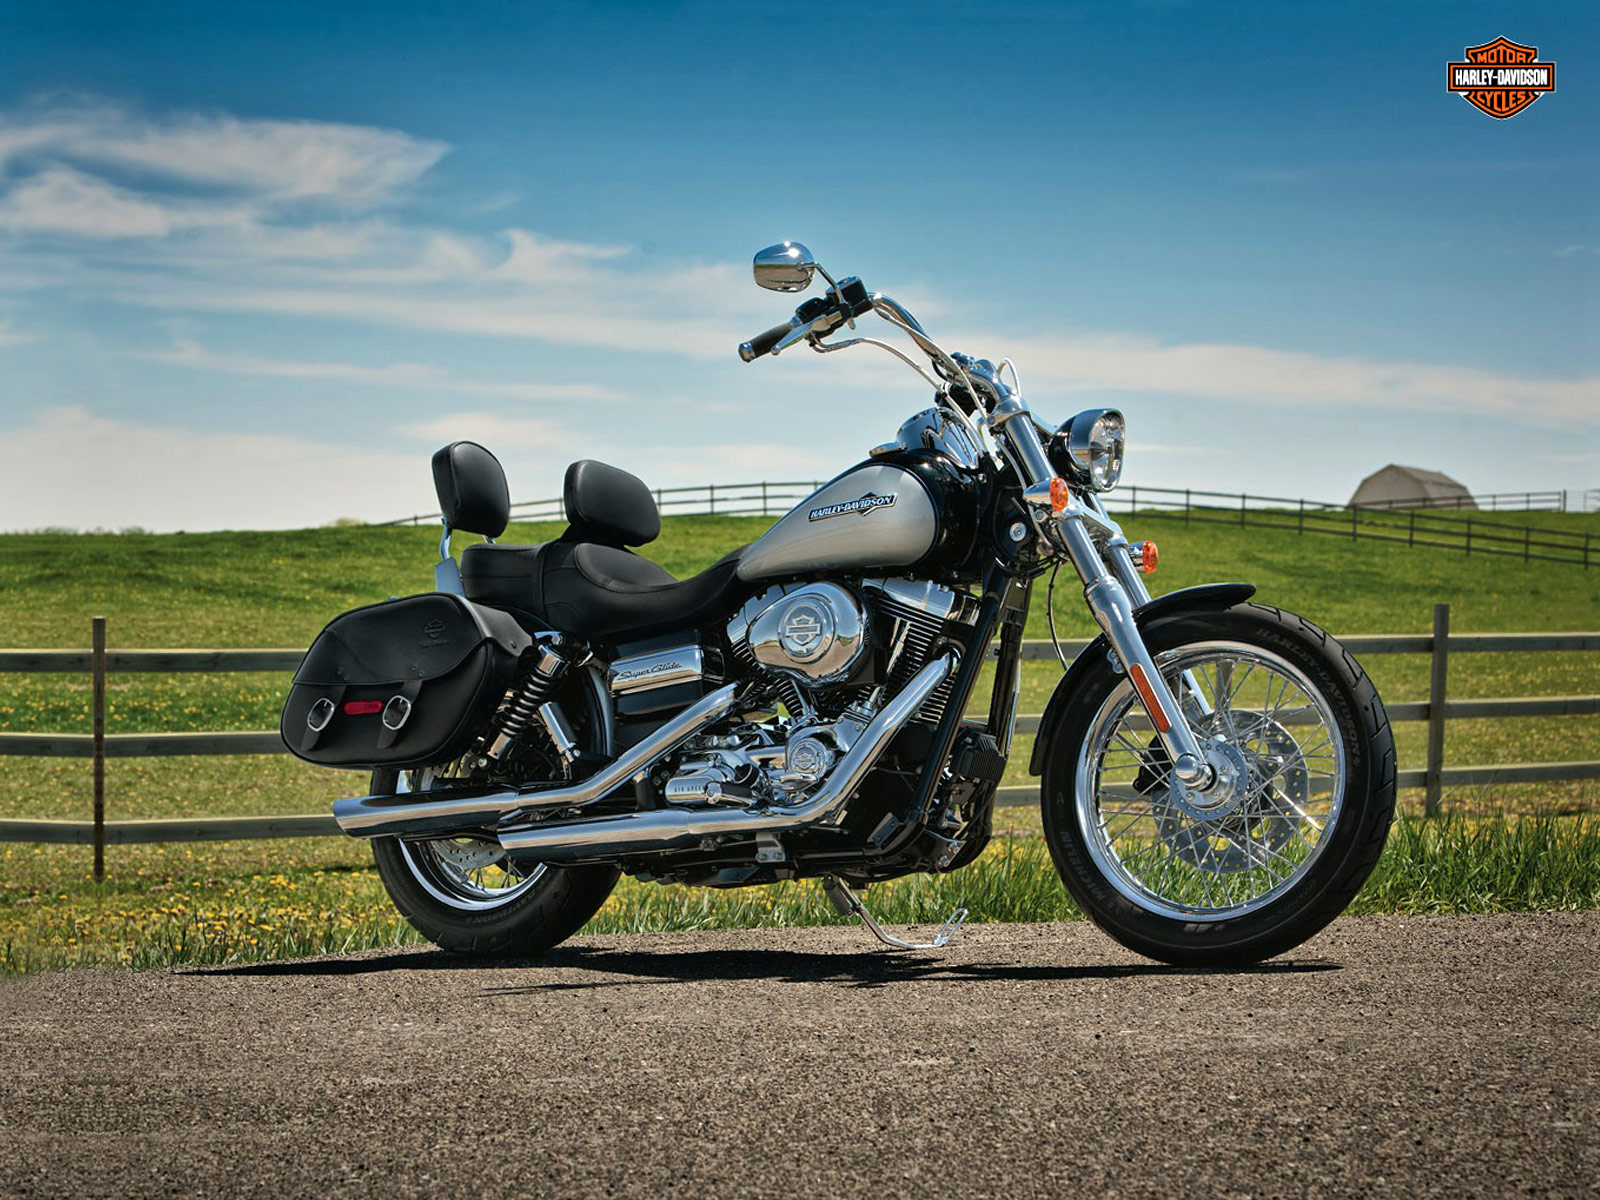 Harley Davidson Pictures 2012 Fxdc Dyna Super Glide Custom: Harley-Davidson Pictures. 2012 FXDC Dyna Super Glide Custom